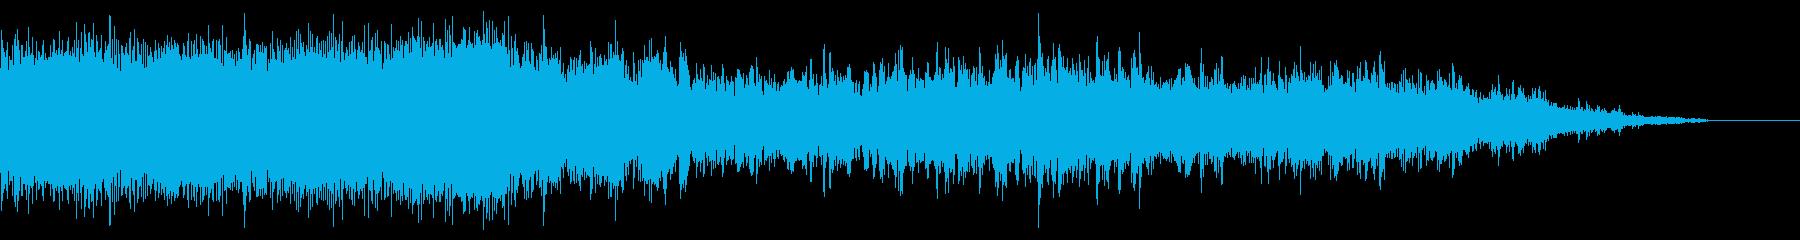 ブオーン!キイキイ…チンチン電車の一コマの再生済みの波形